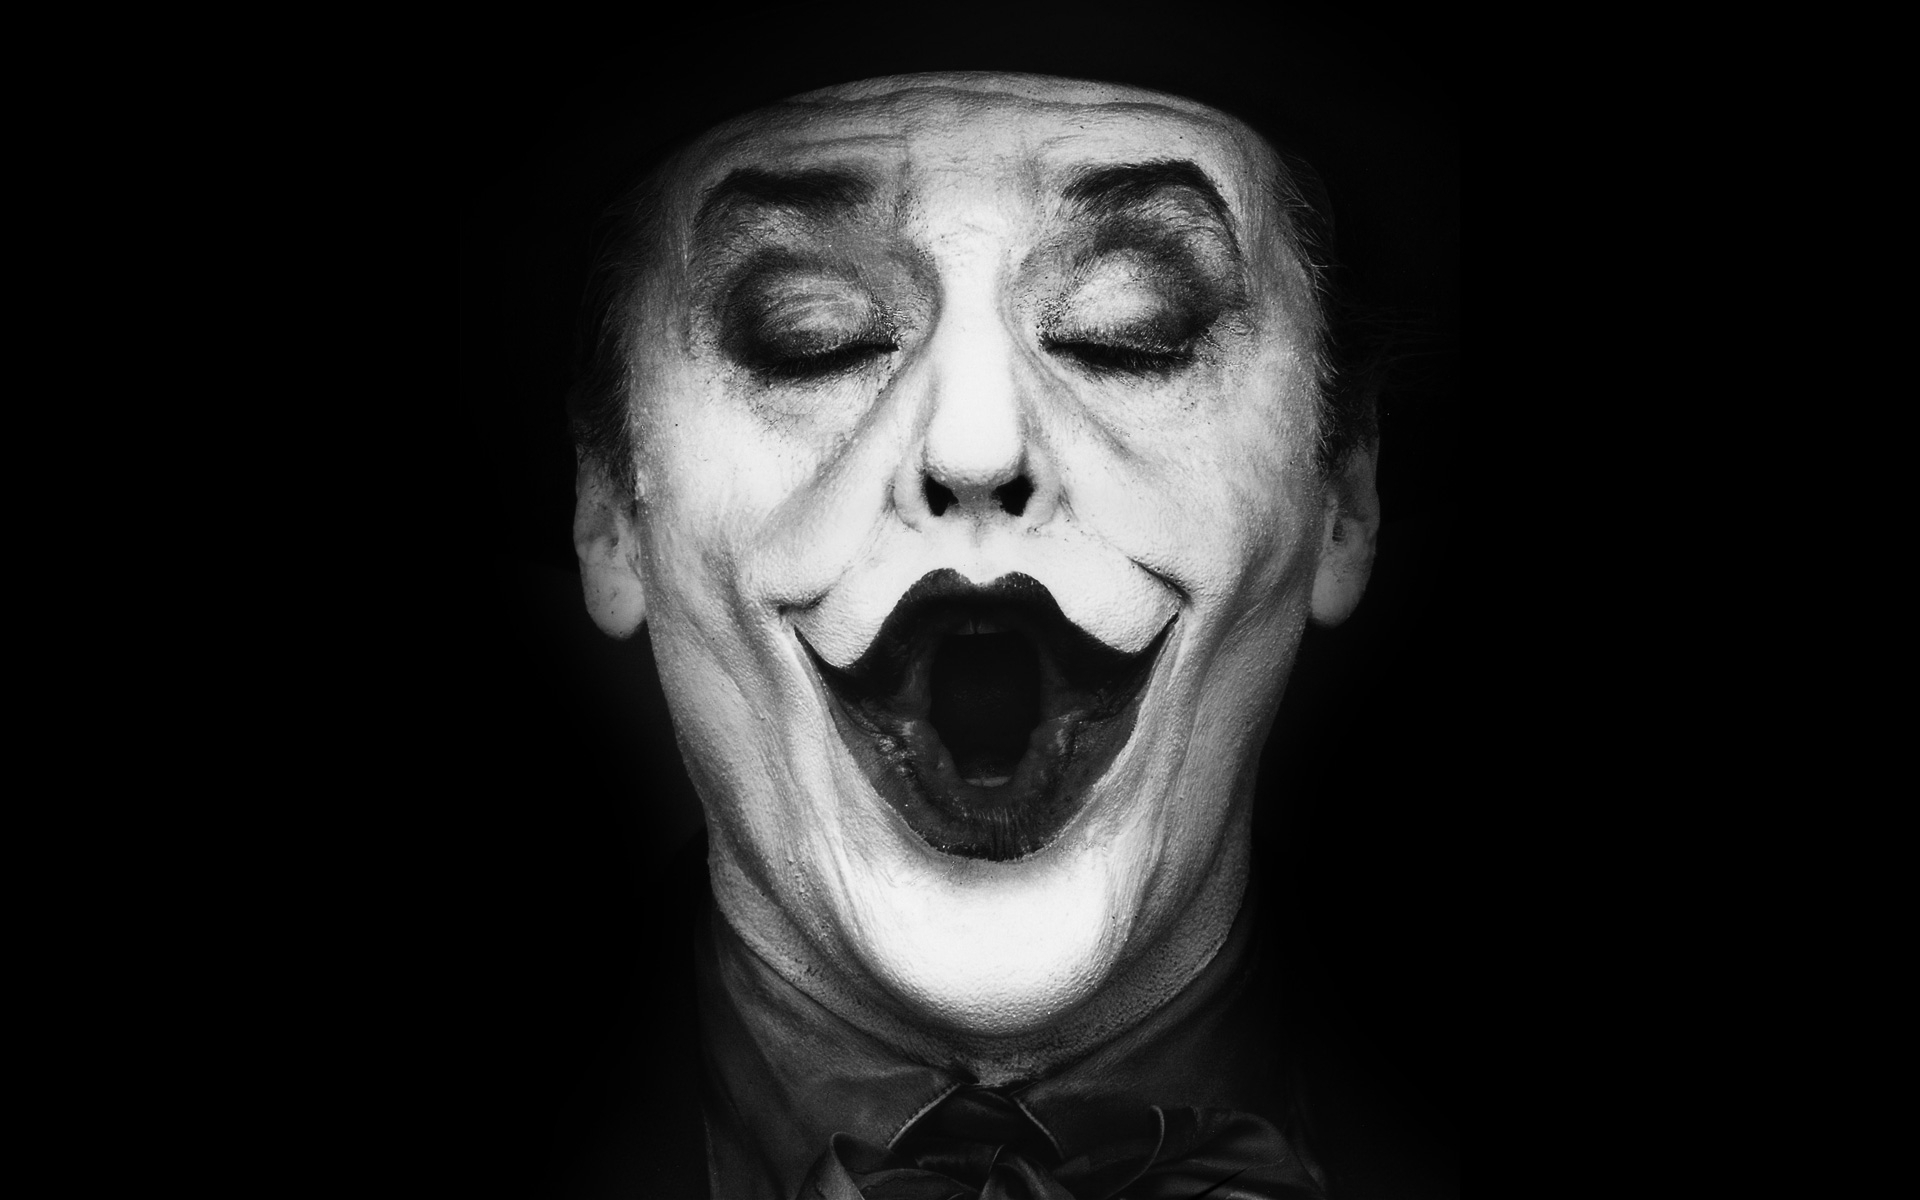 the joker jack nicholson wallpaper | 1920x1200 | 14398 | wallpaperup